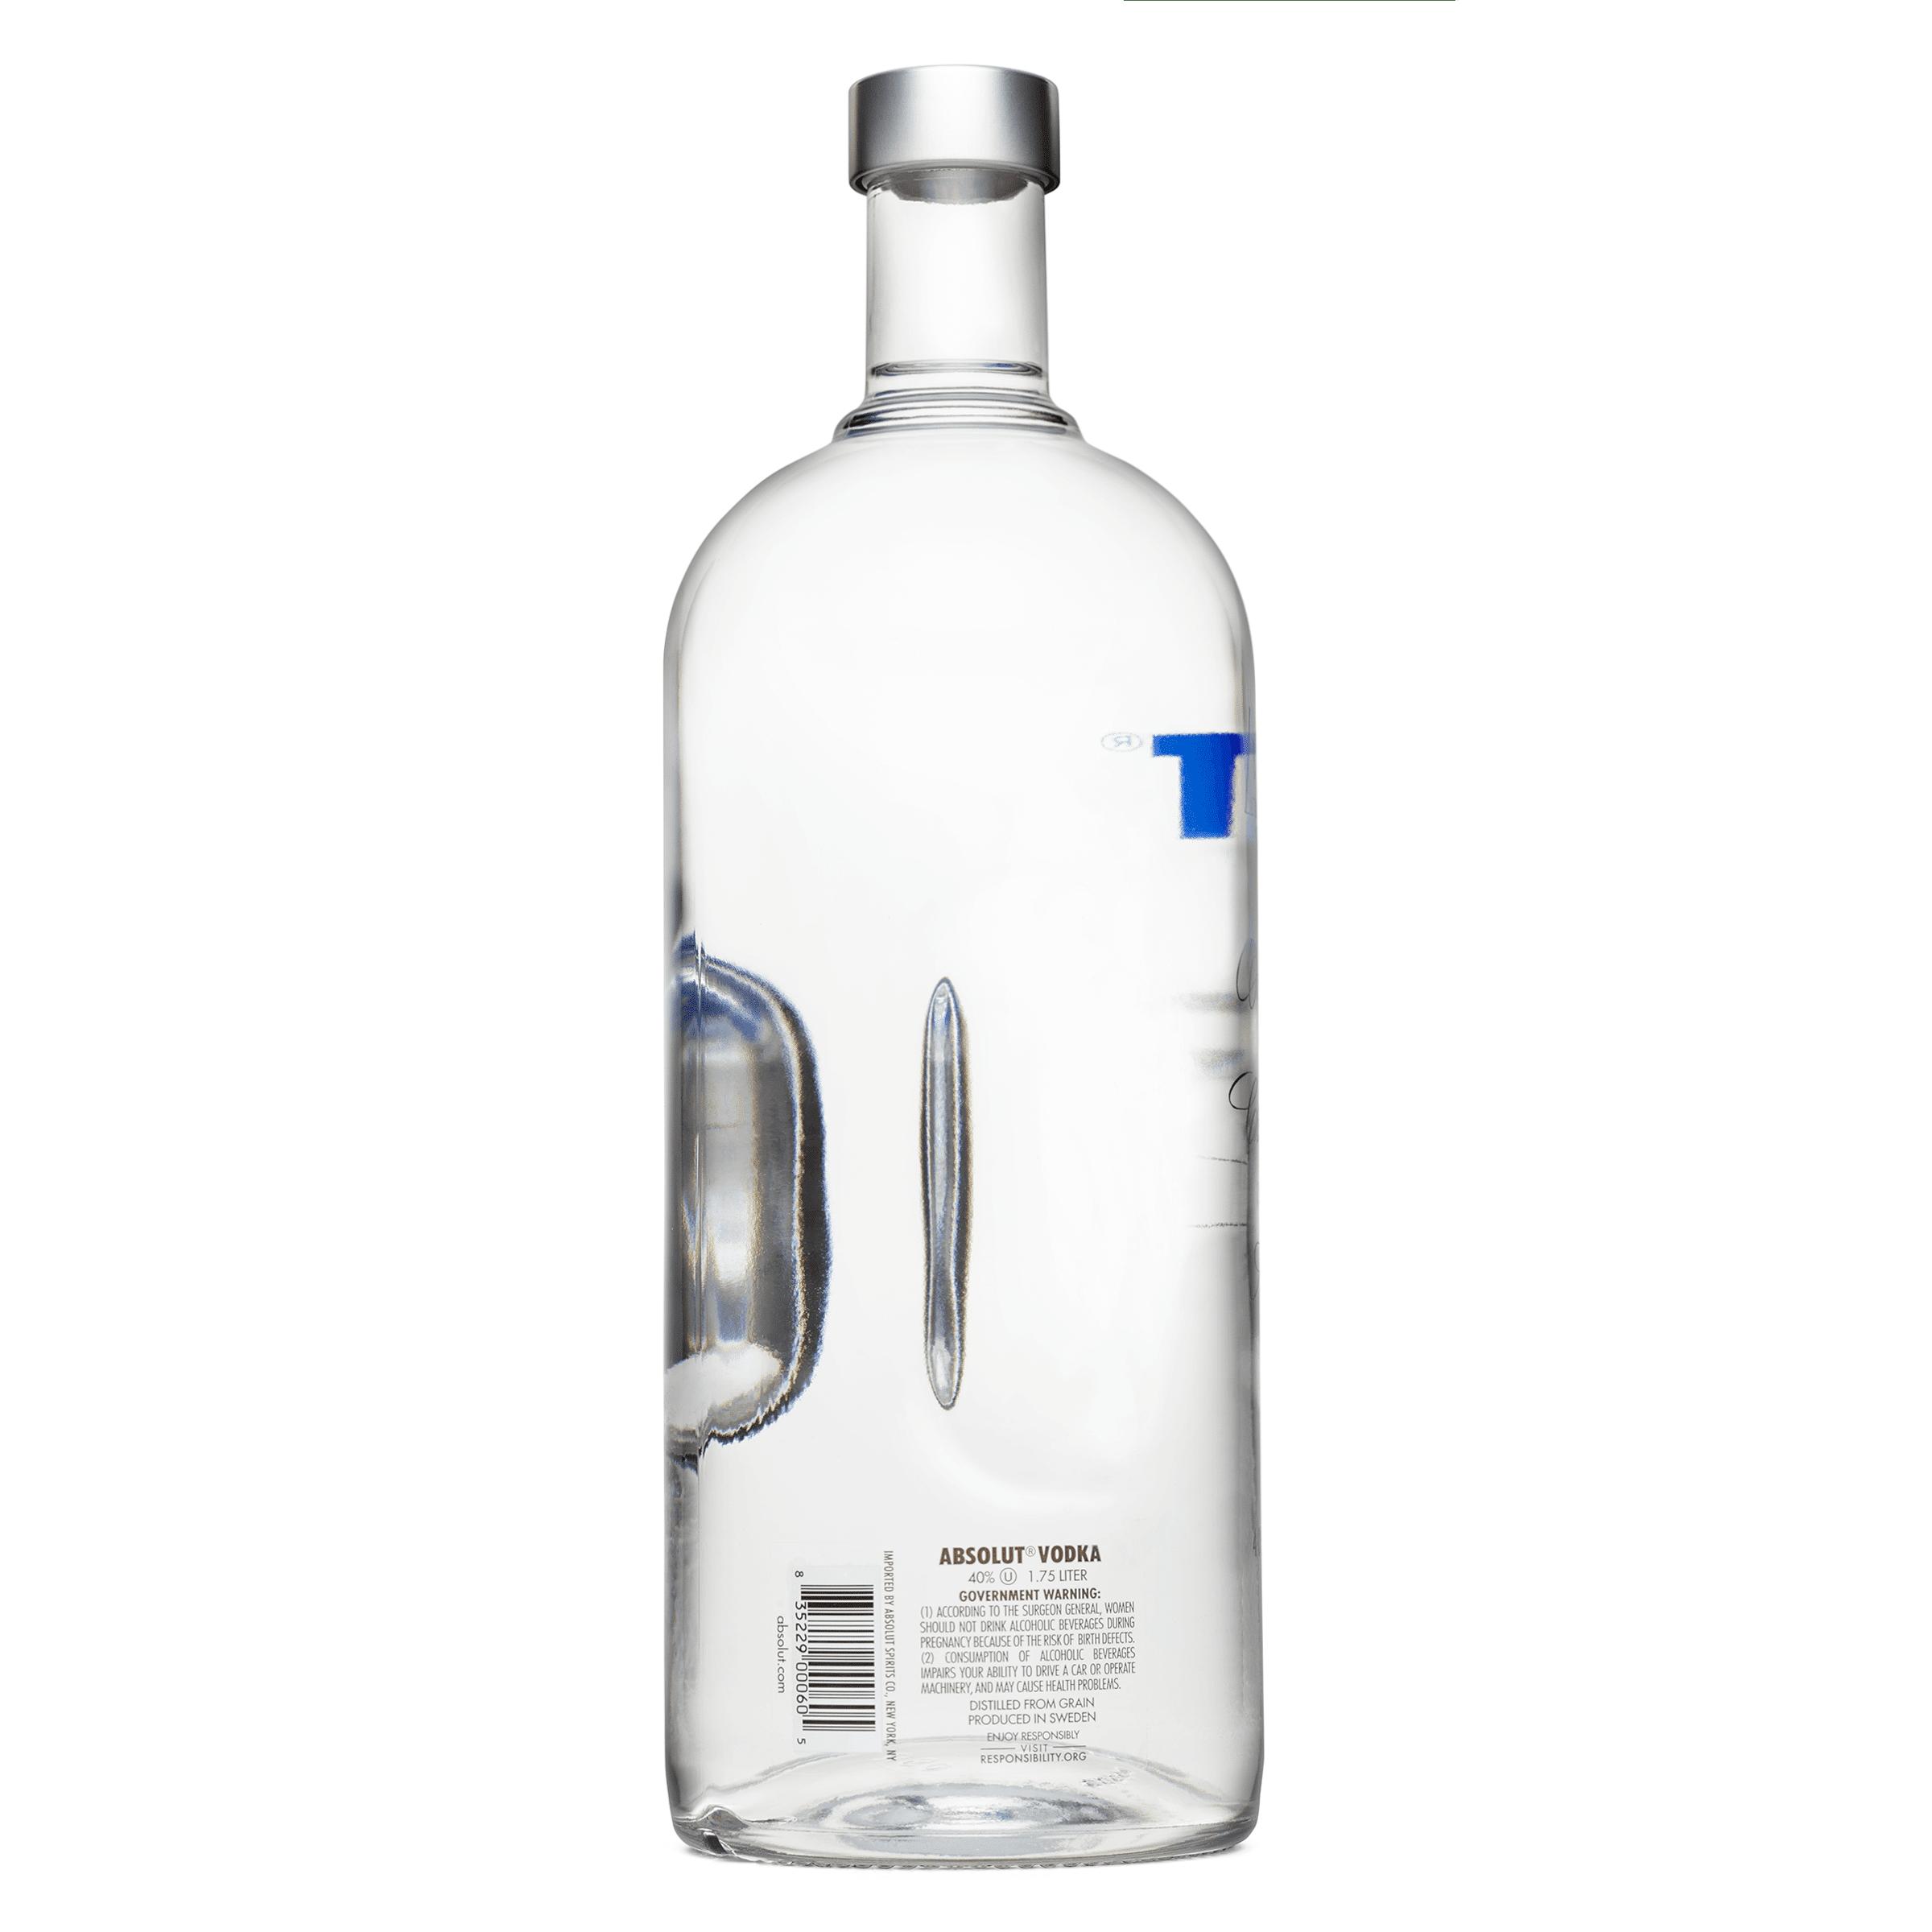 Absolut Vodka Sweden Original 1 75L Bottle